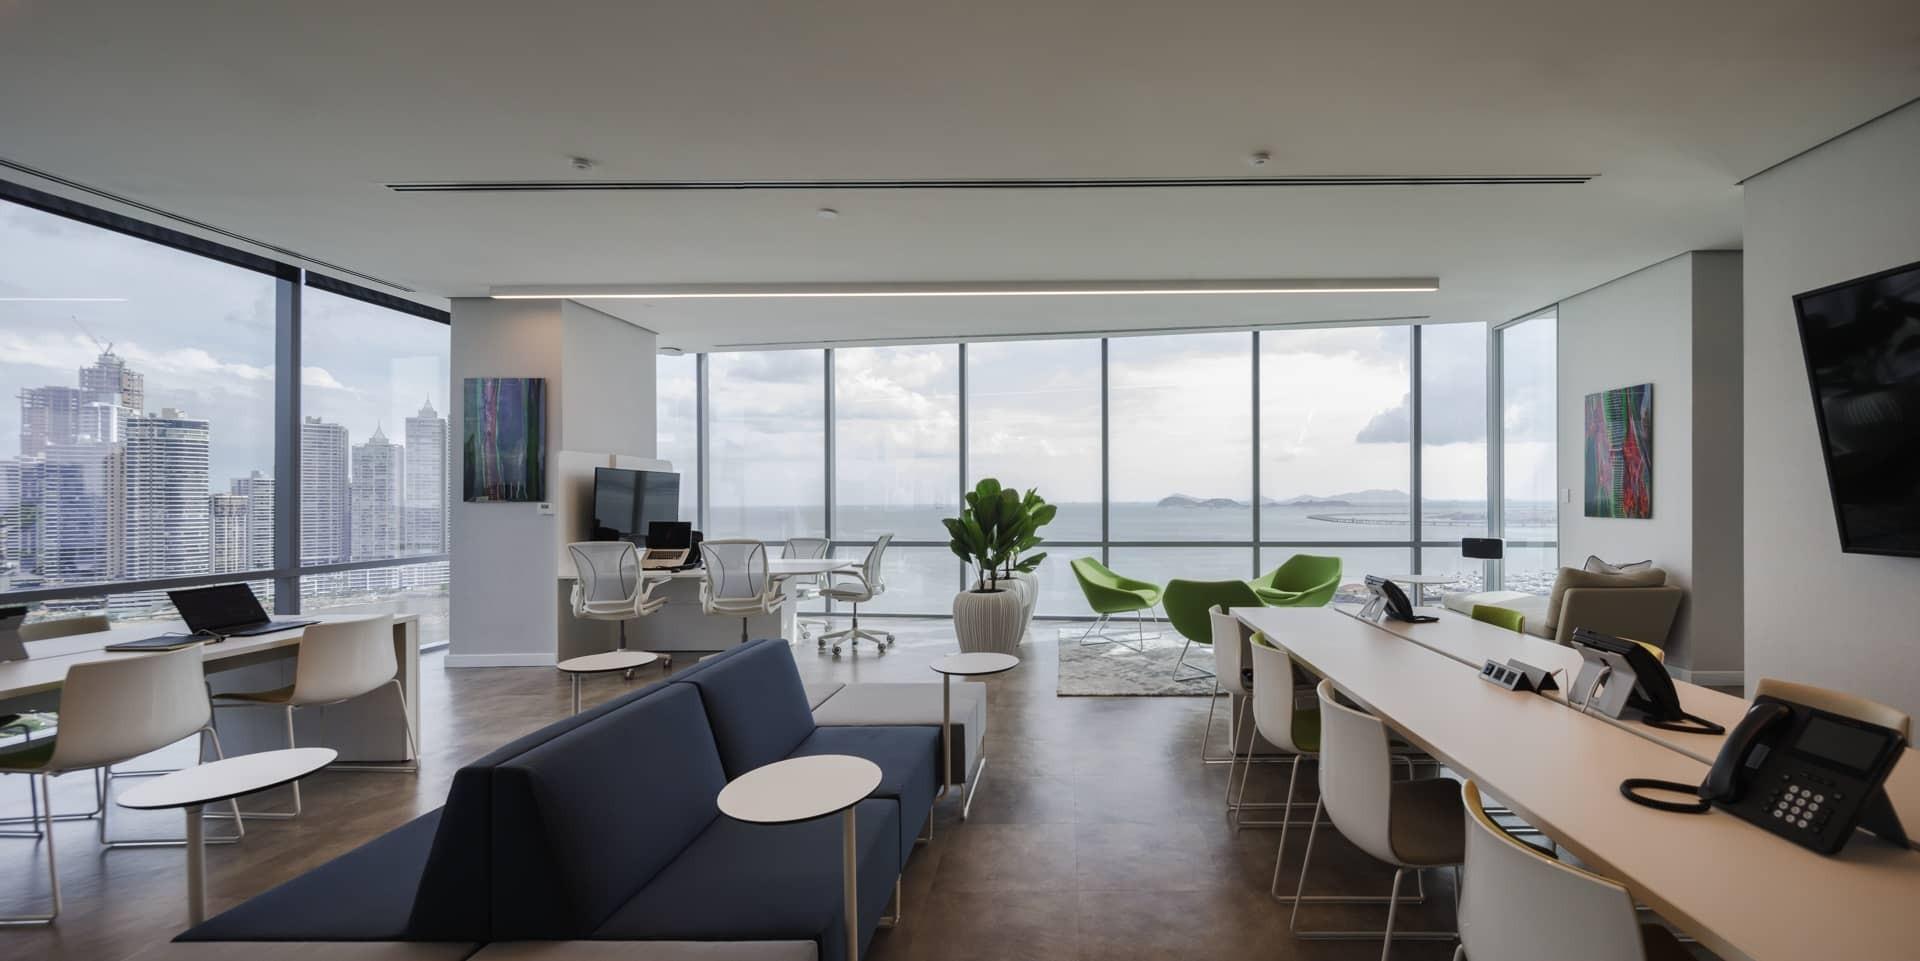 Mallol Arquitectura: Una oficina que crea proyecto exclusivos y poderosos mallol arquitectos Mallol Arquitectos: Una empresa que crea proyecto exclusivos y poderosos 2017155 OFICINAS MCKINSEY 06